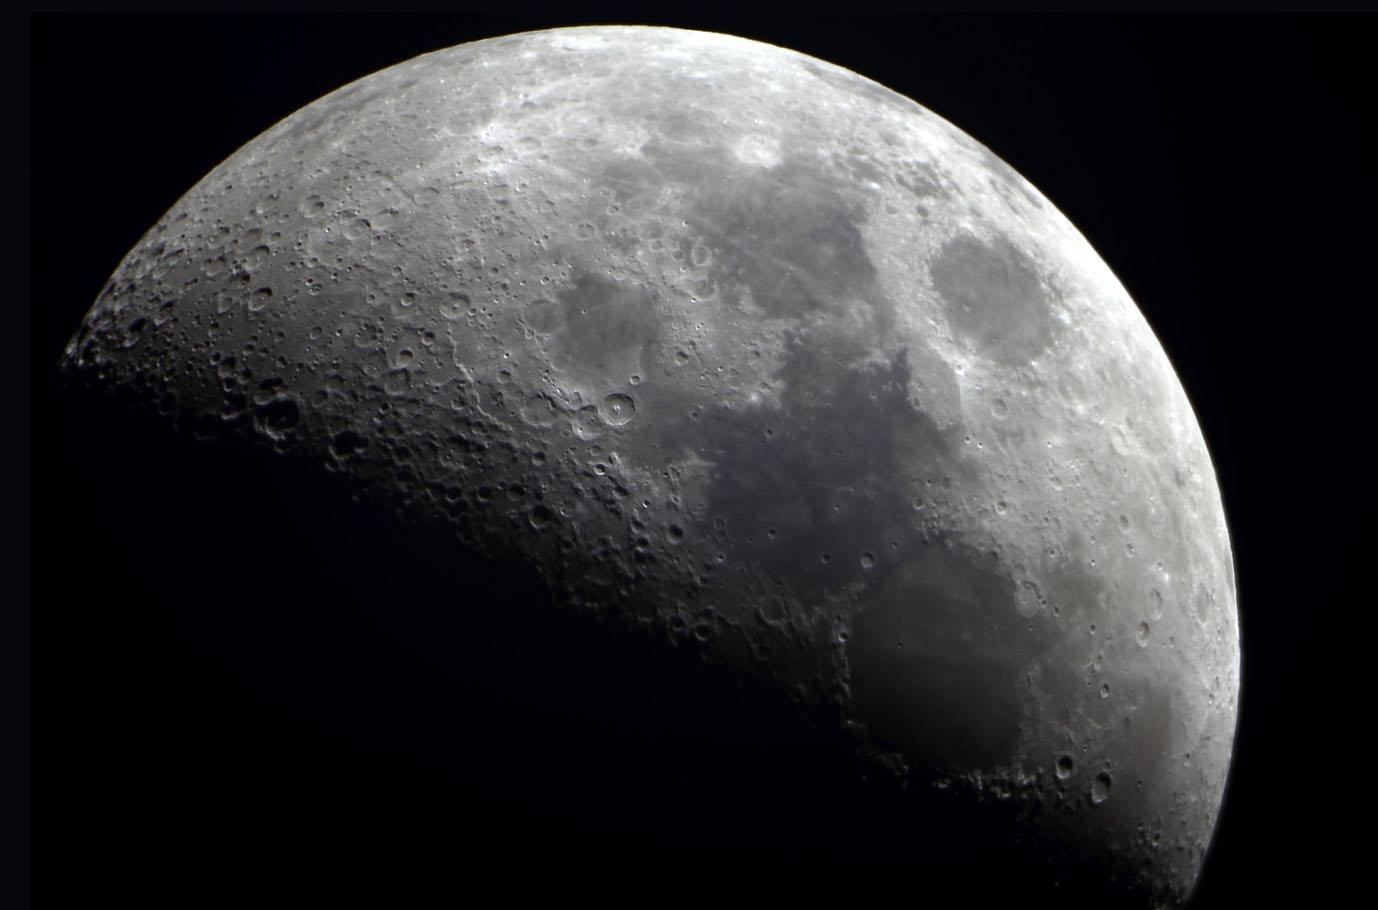 ЕКА работает над миссией по исследованию пещер на Луне